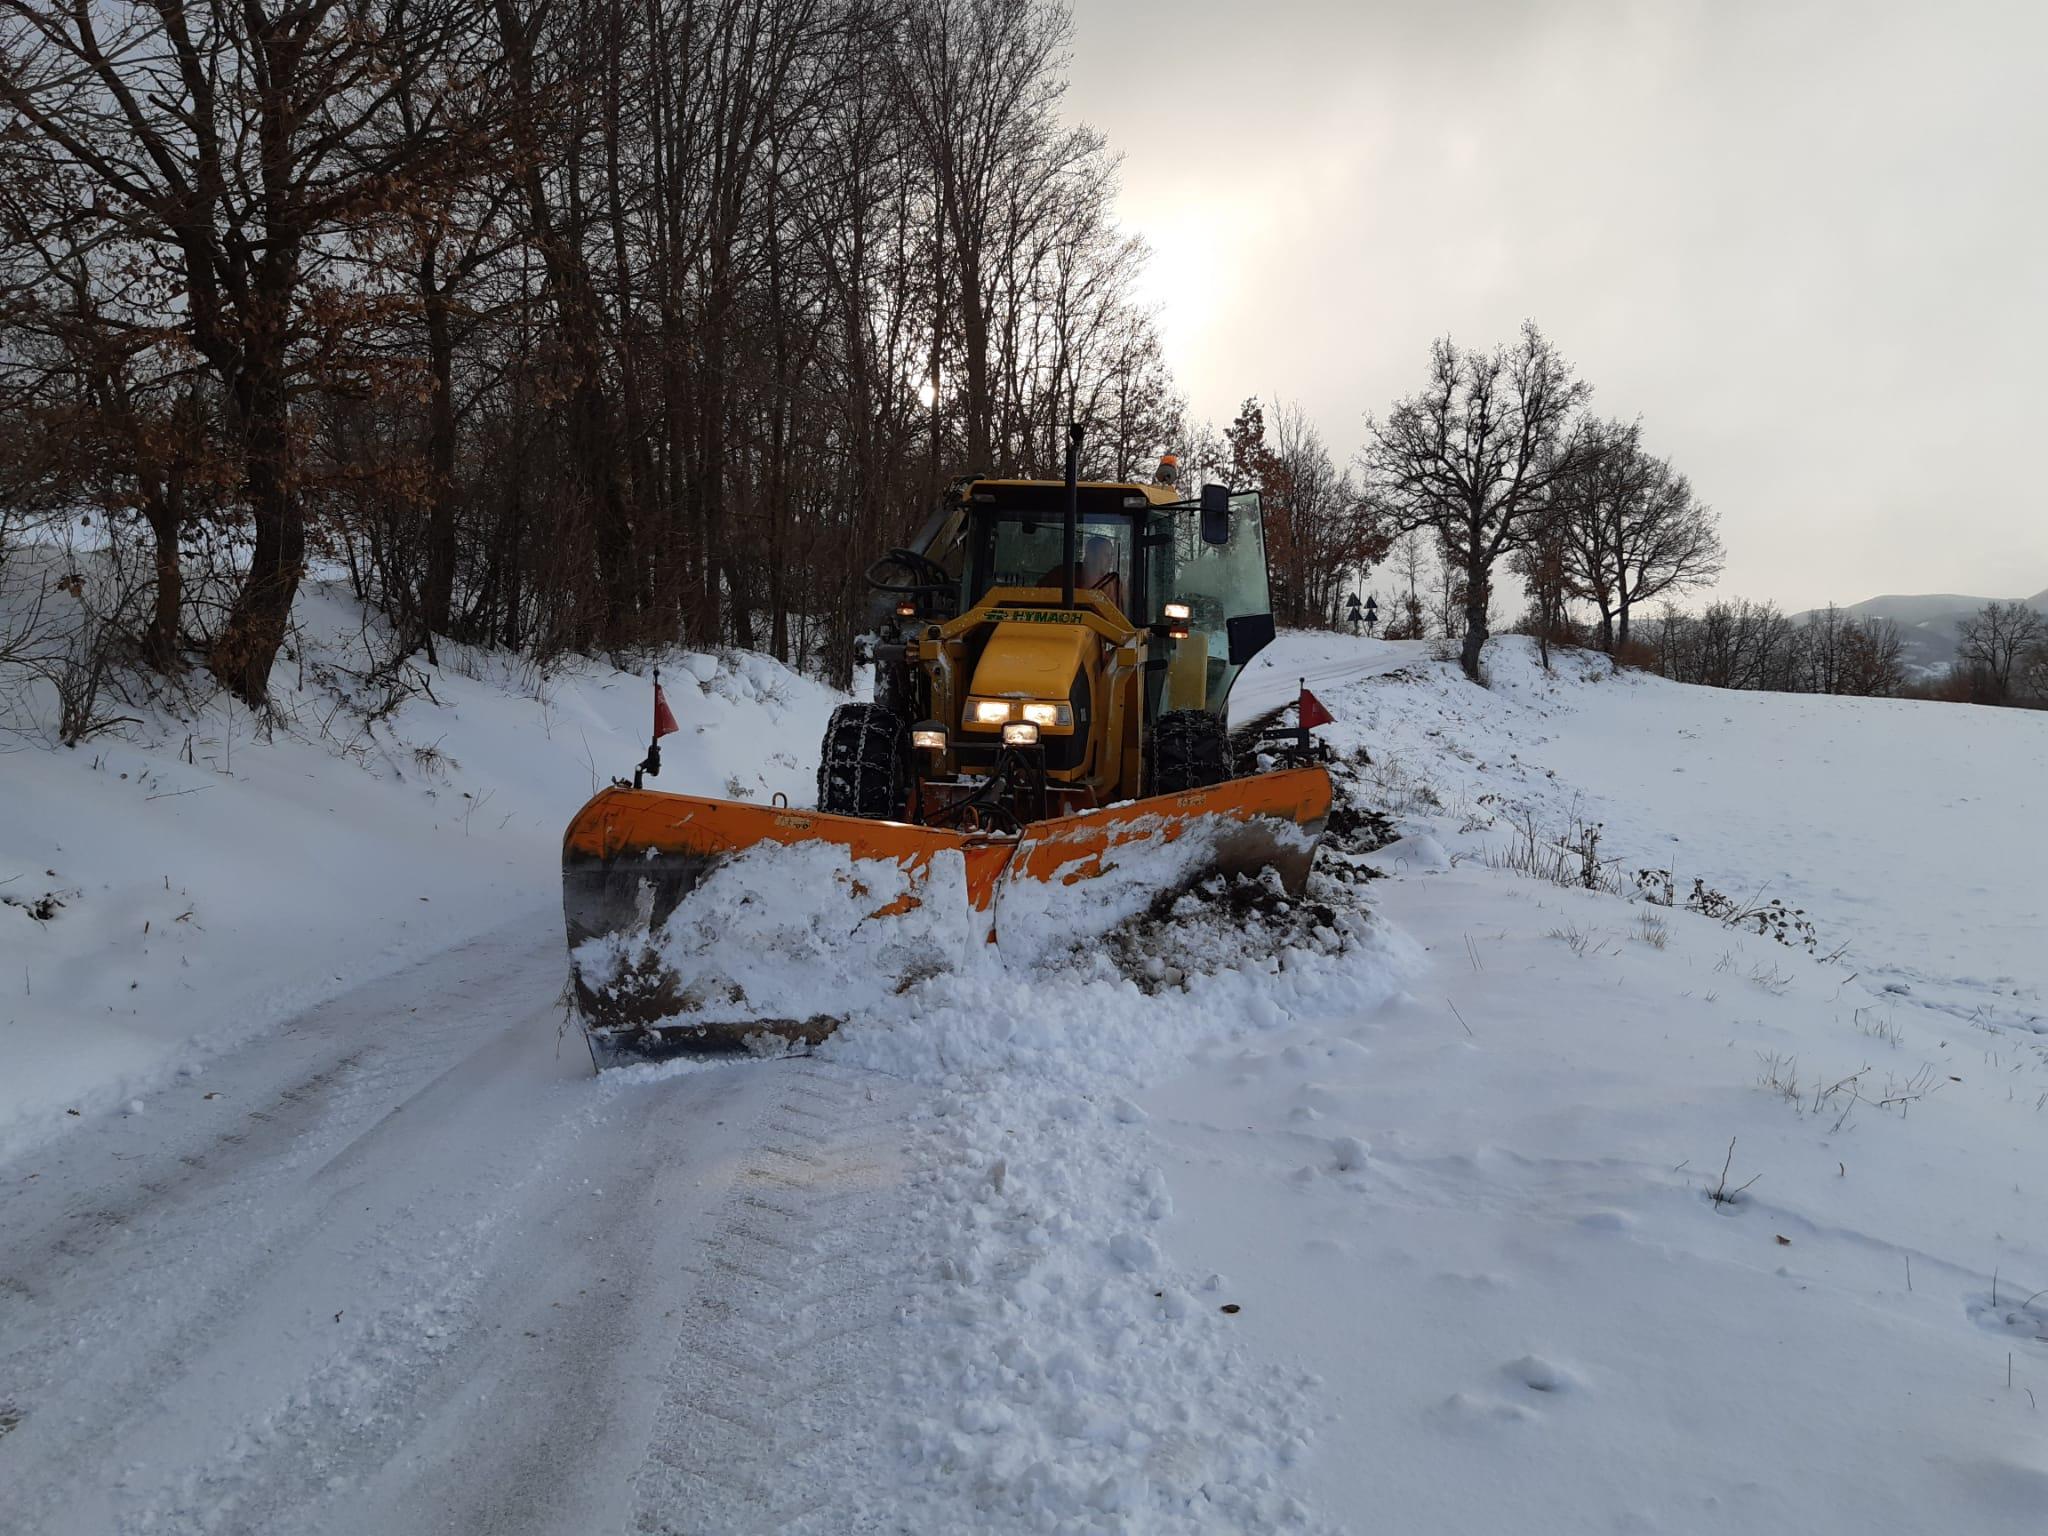 Viabilità – Neve, situazione sotto controllo sulle strade provinciali